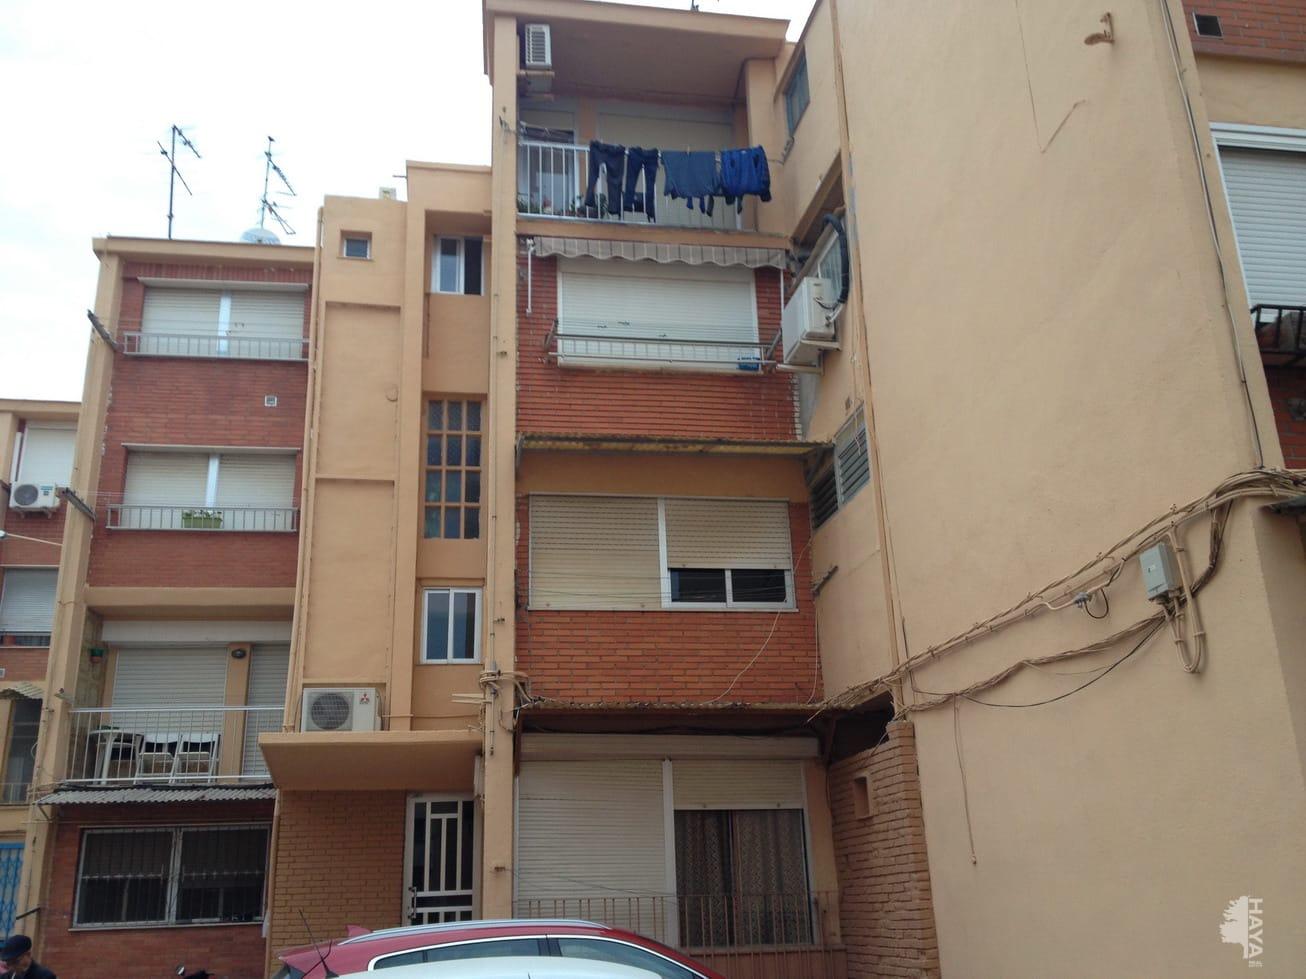 Piso en venta en Benicarló, Castellón, Avenida Marqués de Benicarló, 34.548 €, 3 habitaciones, 1 baño, 62 m2